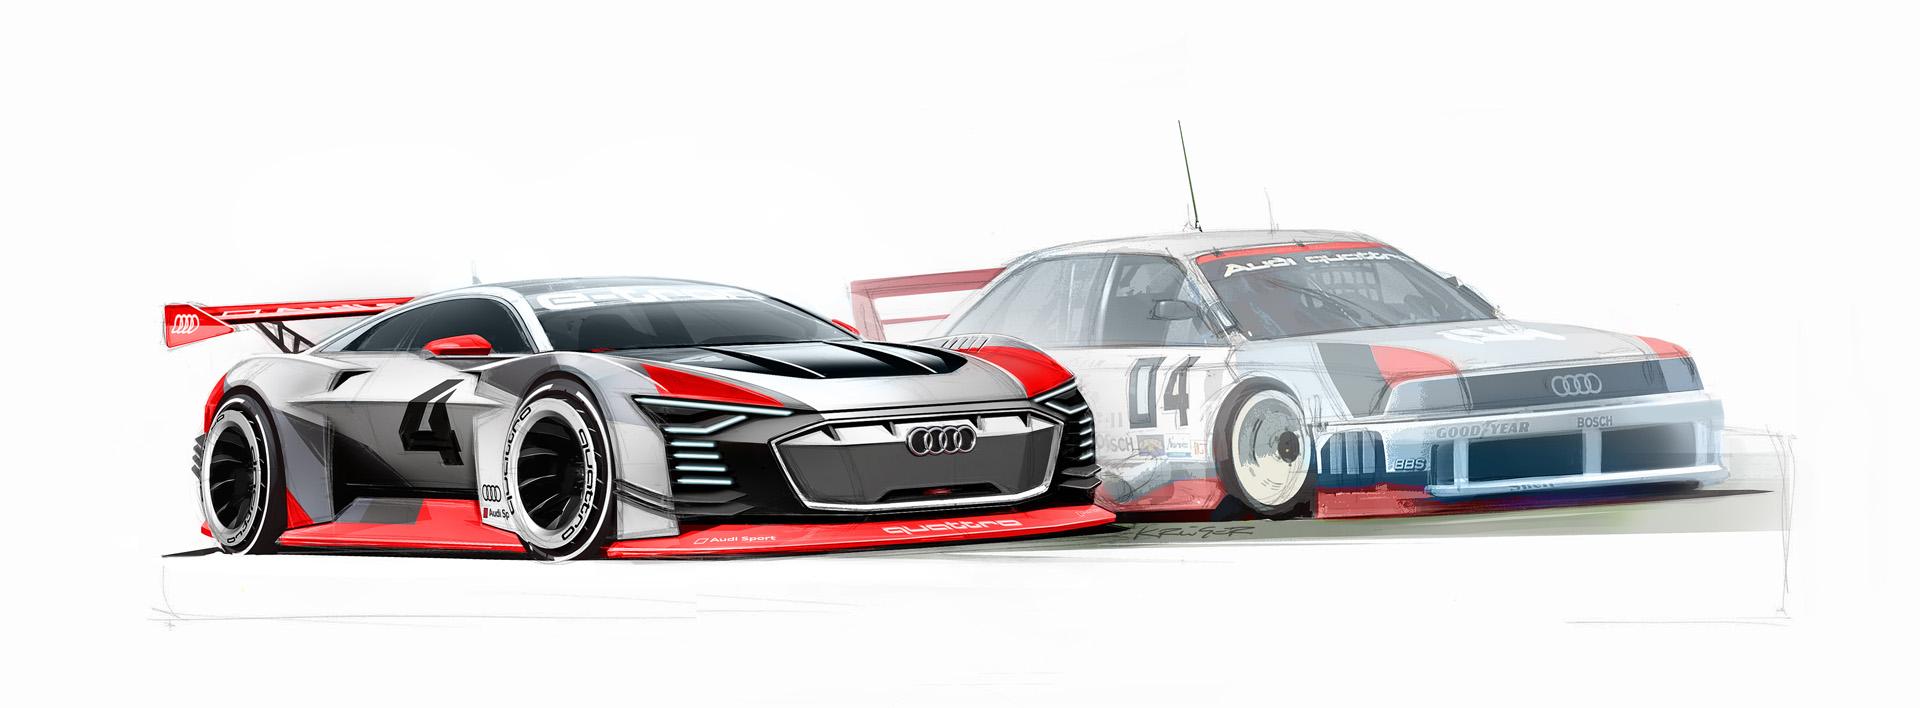 Gran Turismo a Audi odhalují dvě nové vize budoucnosti i1Skq5MHCveLK8E